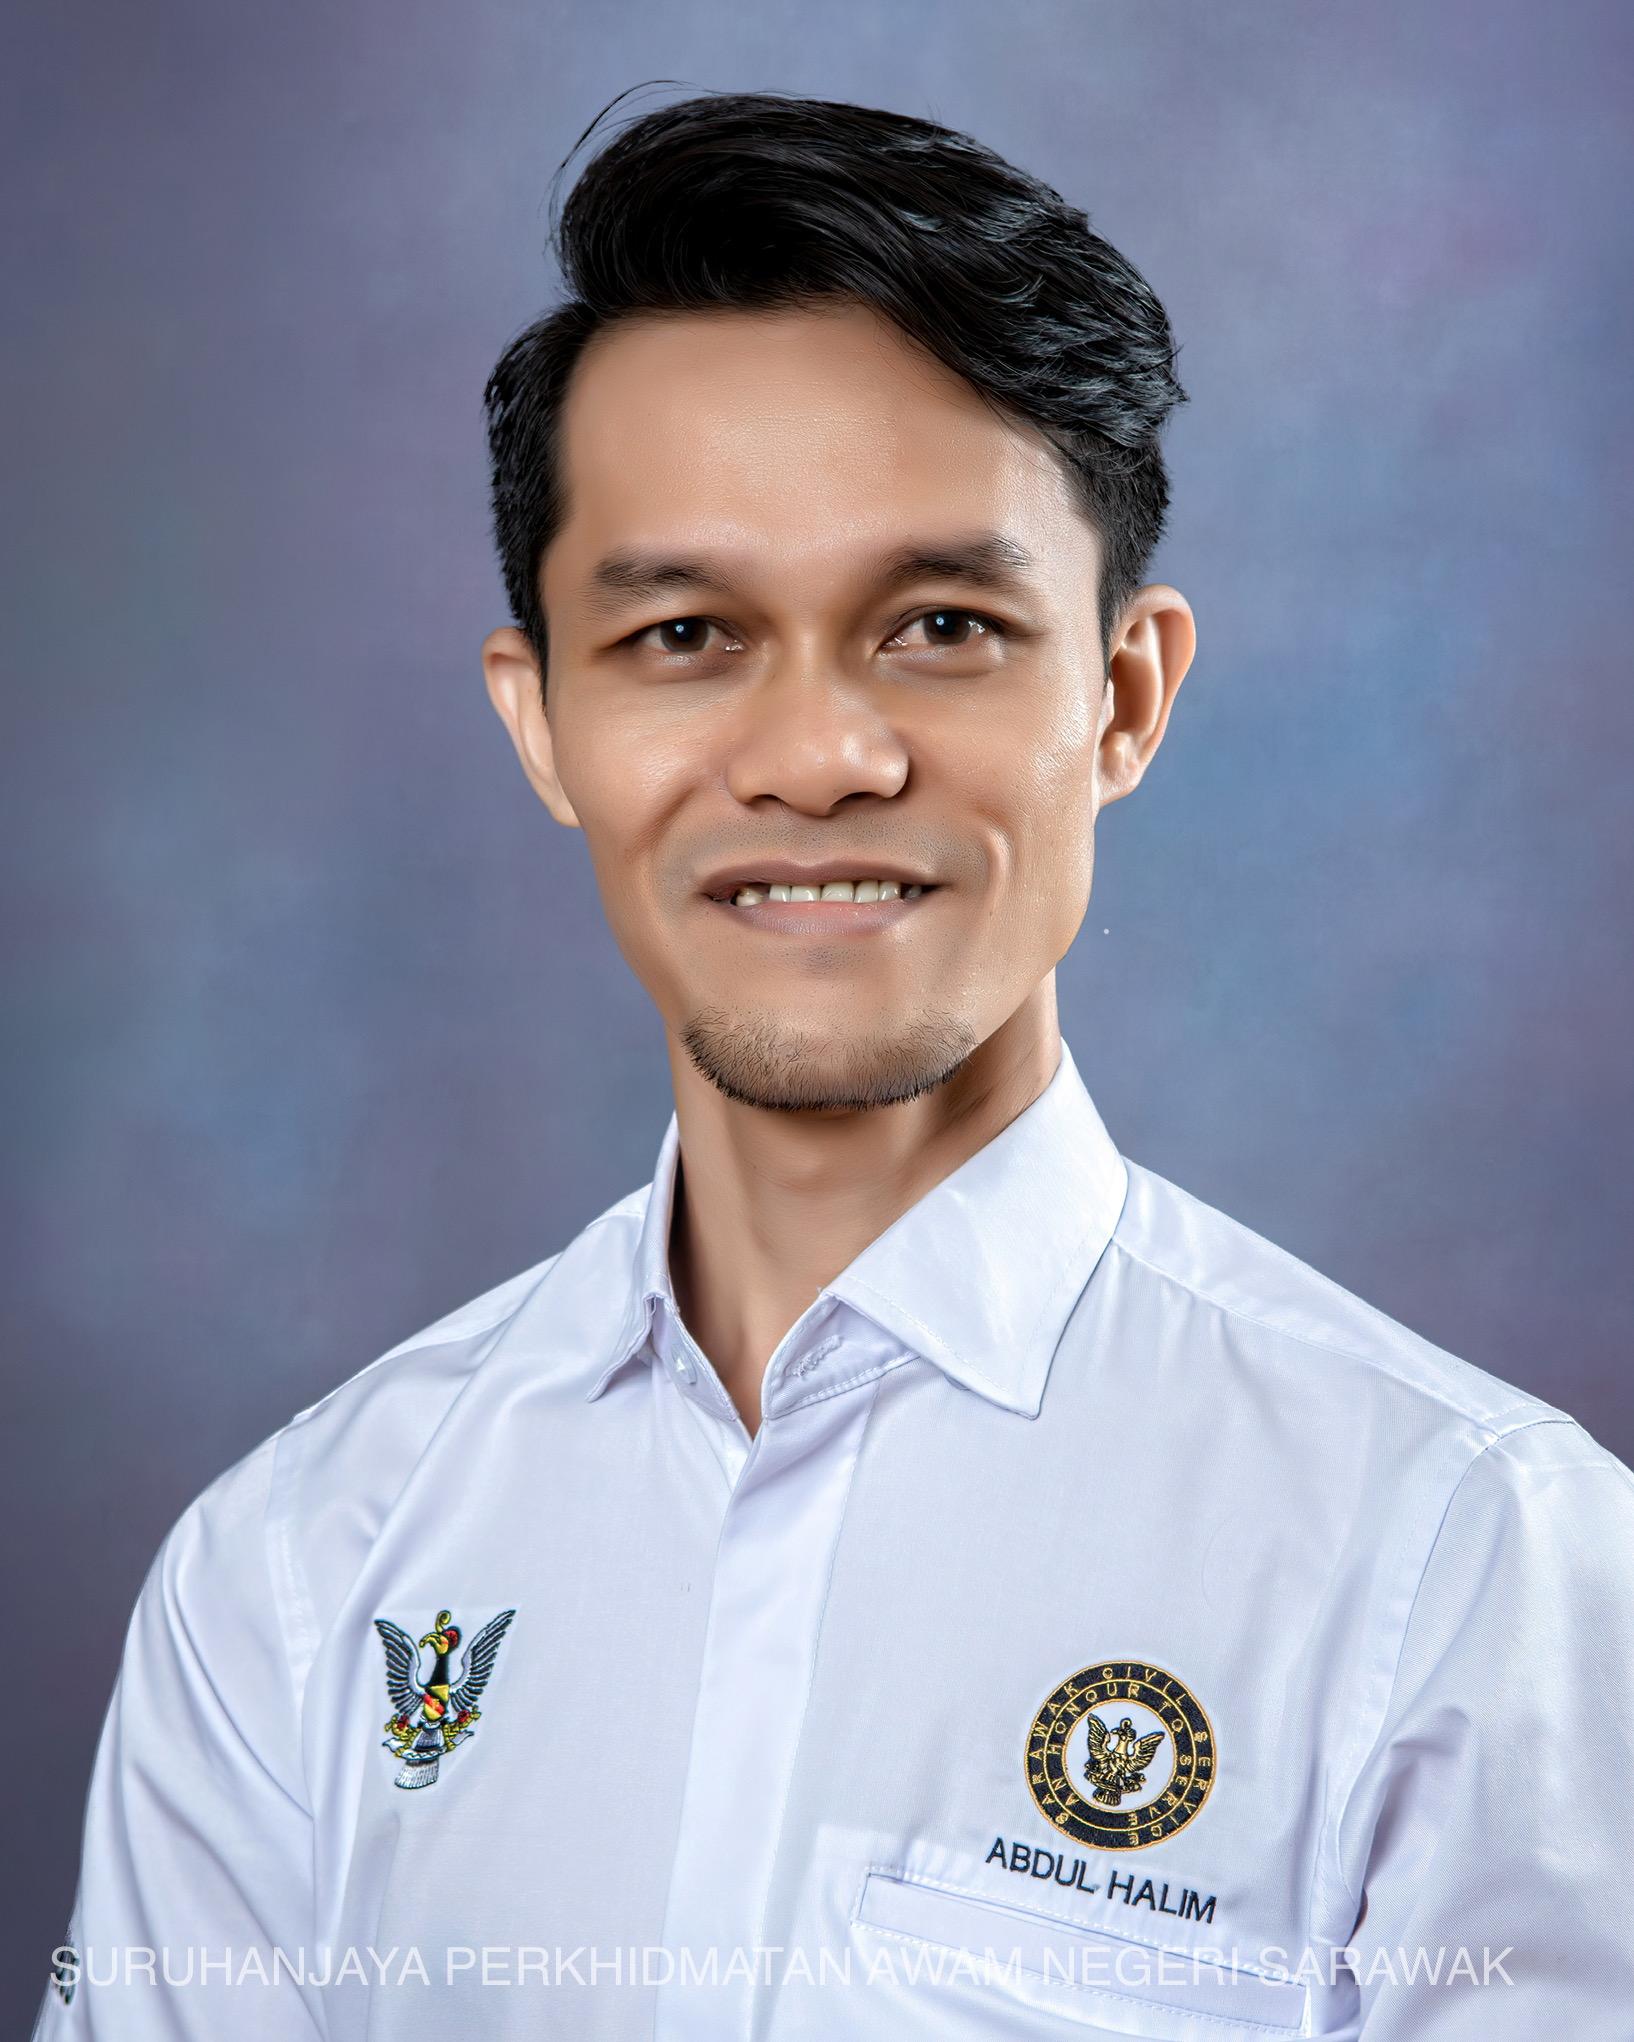 Abdul Halim bin Jami